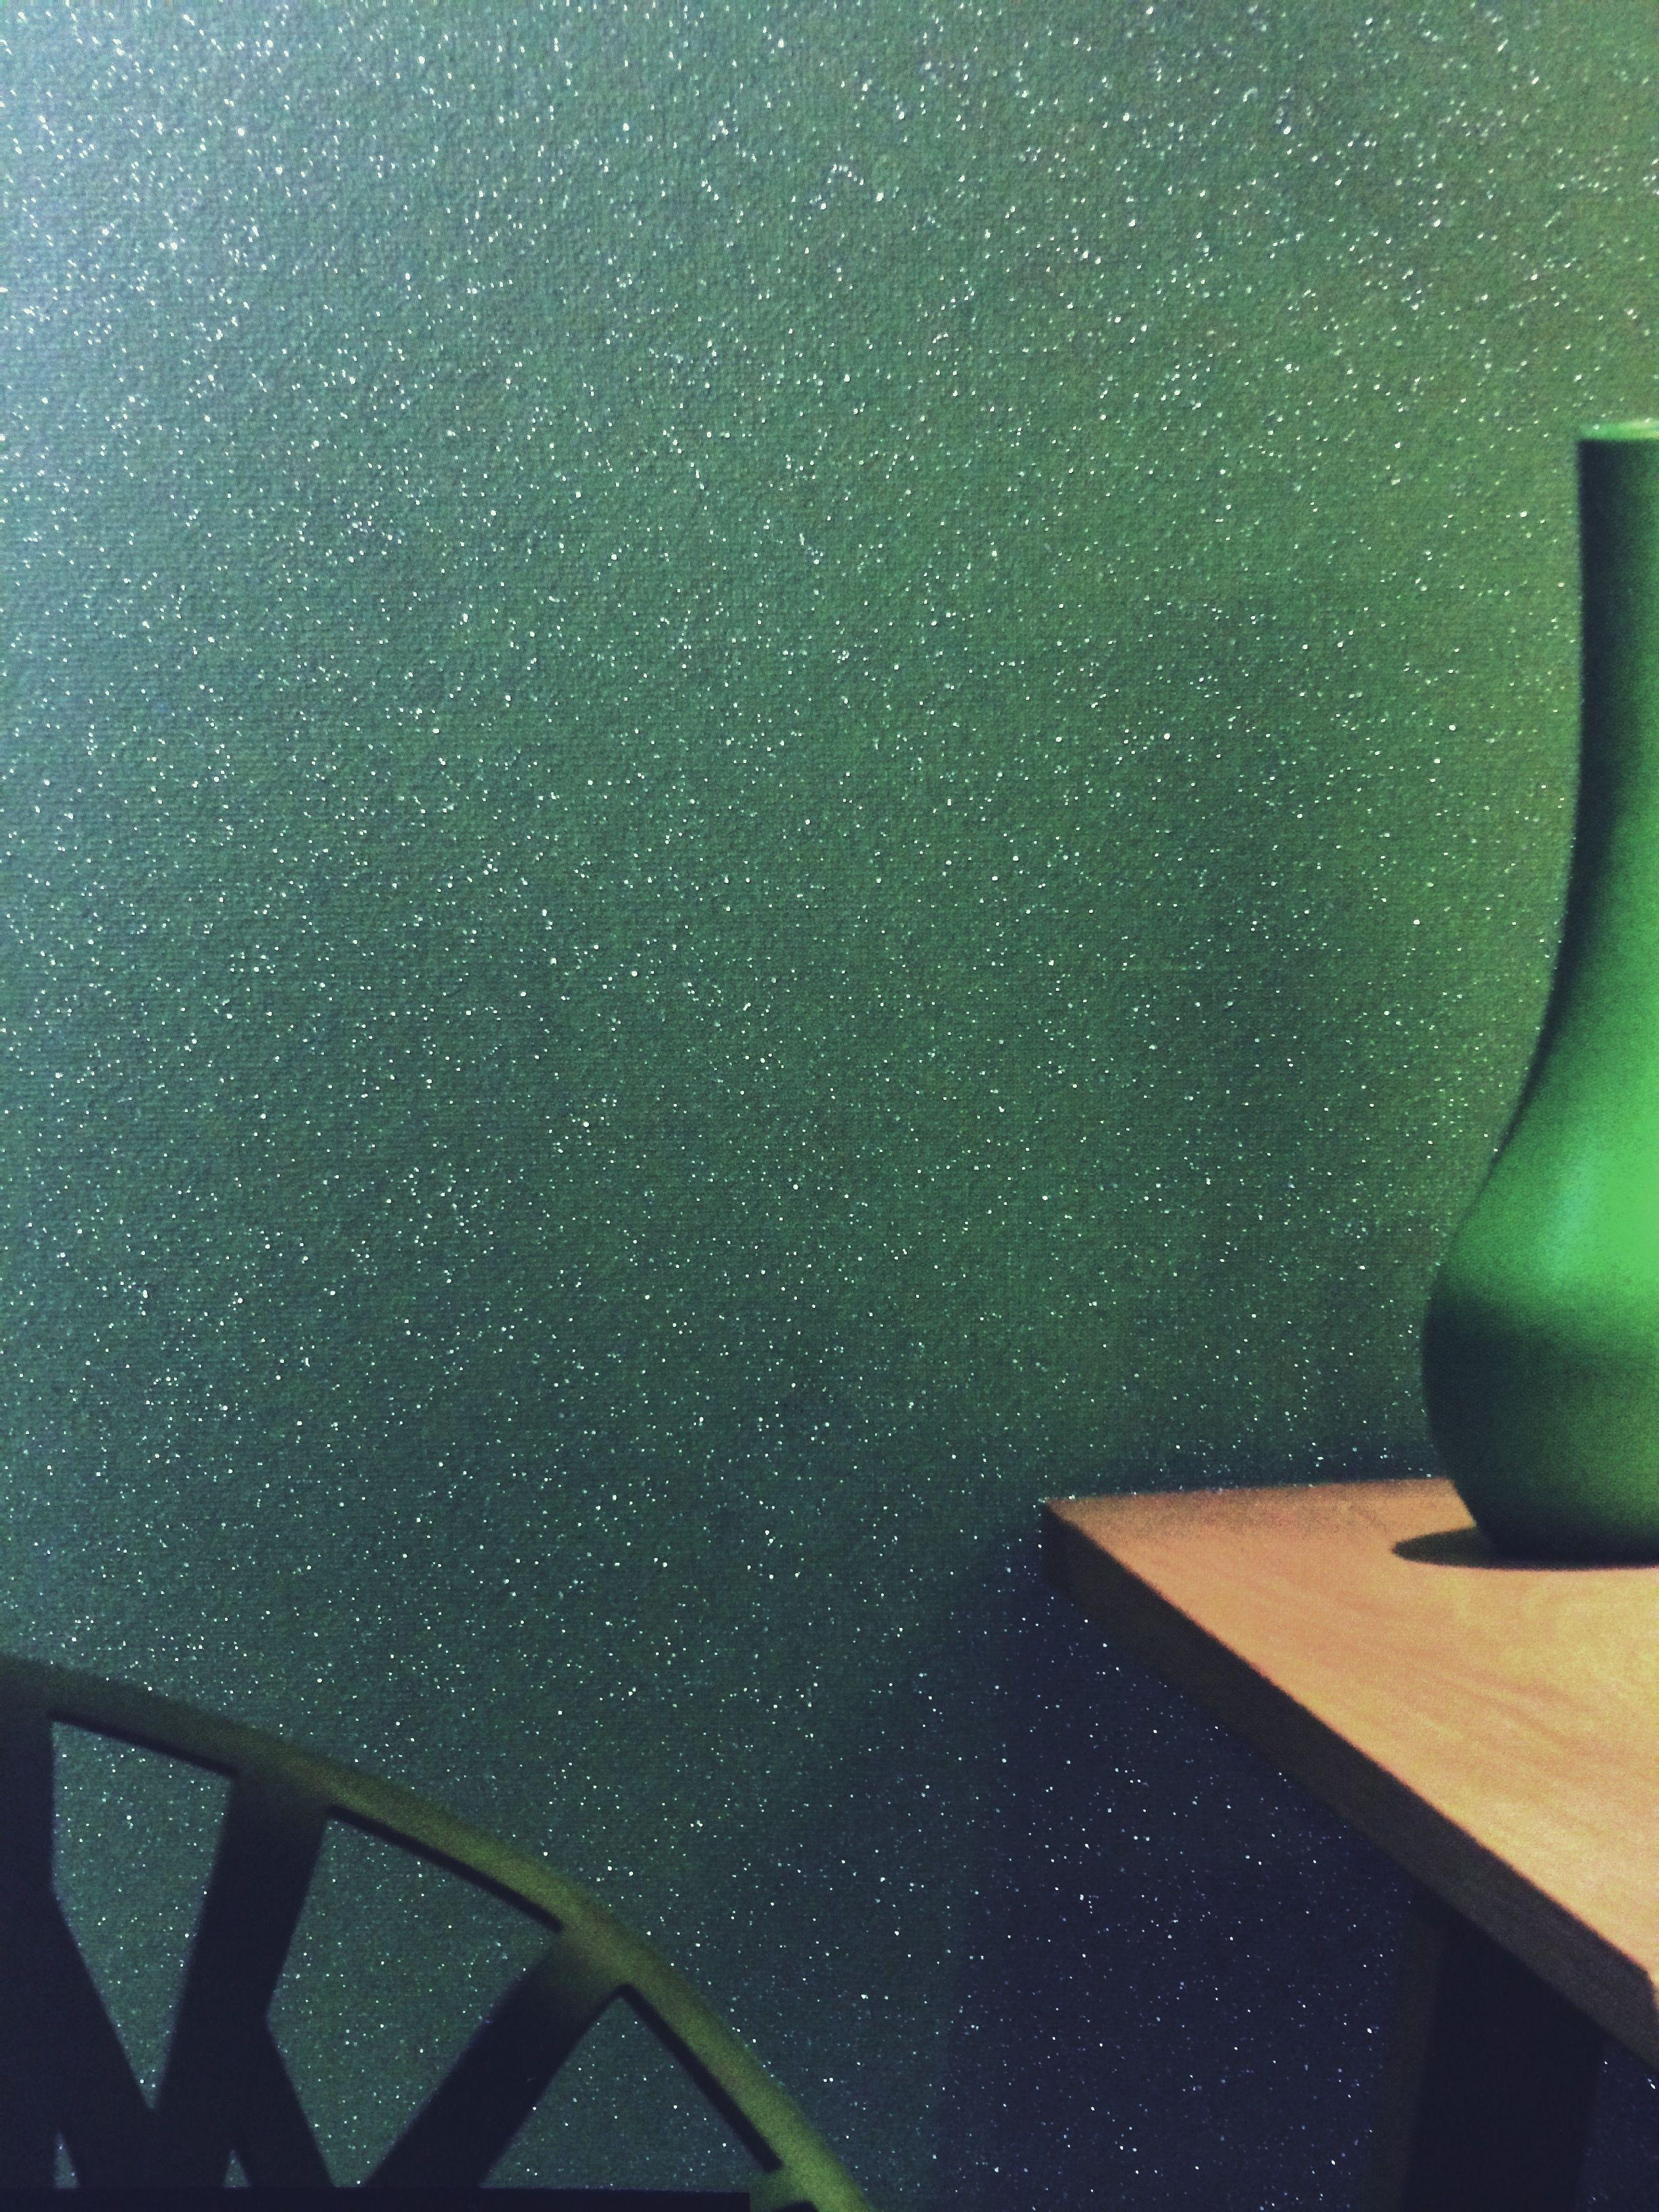 Il glitter in polvere, per esempio, non riuscendo ad amalgamarsi bene con la. Decorglitter Glitter On The Walls Http Decofinish Com Portfolio Item Decorglitter Fauxfinish Oikos Interiordesign Interior Design Deco Faux Finish